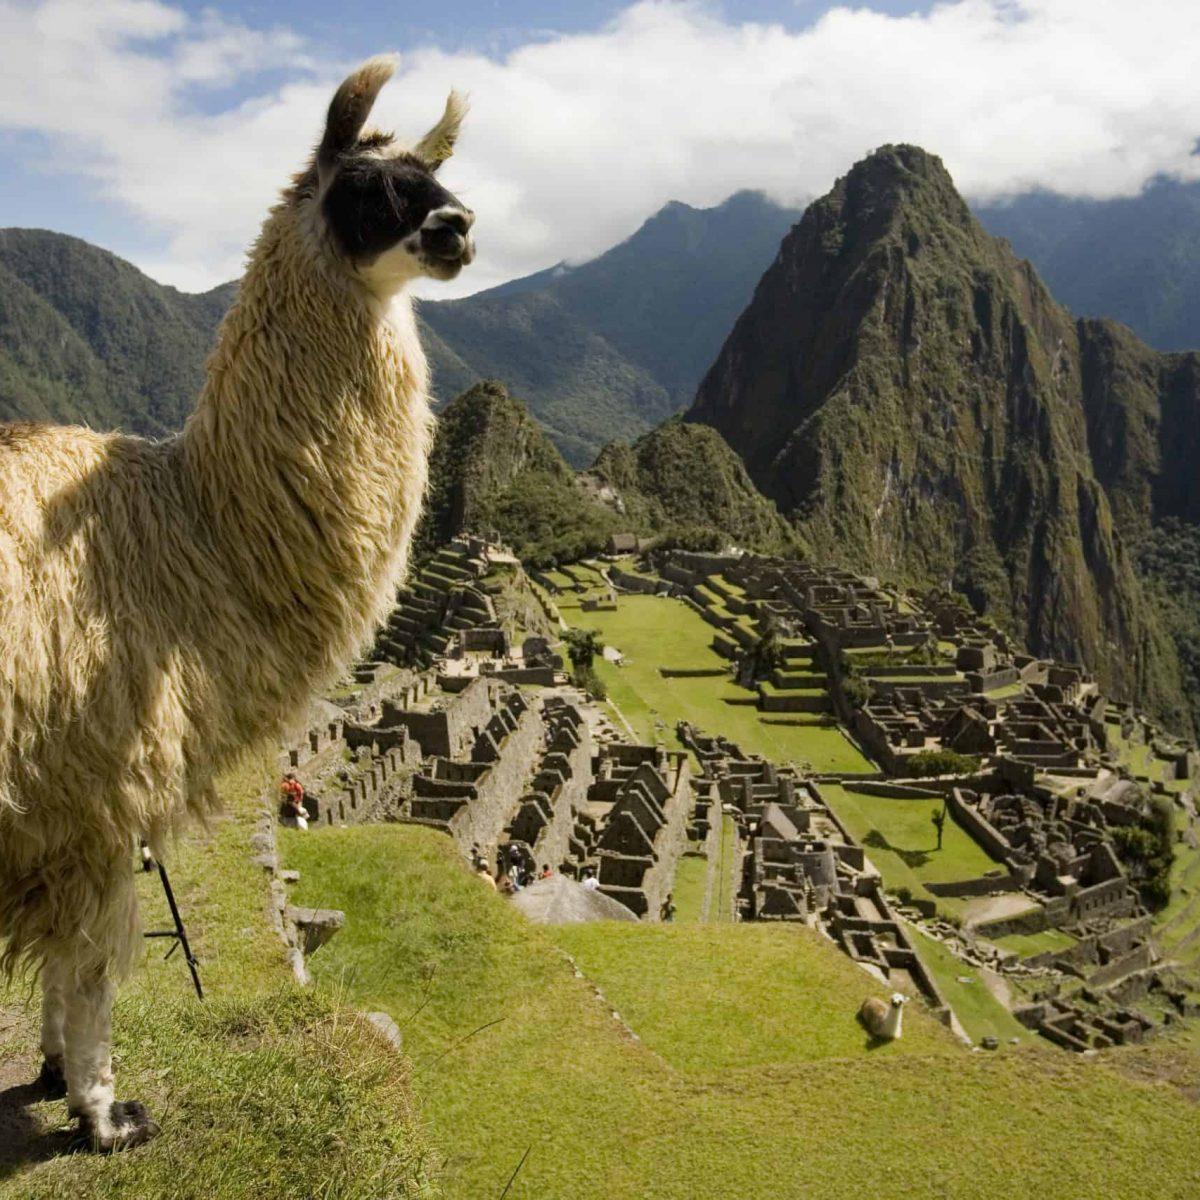 Llama en la ciudadela de Machu Picchu.